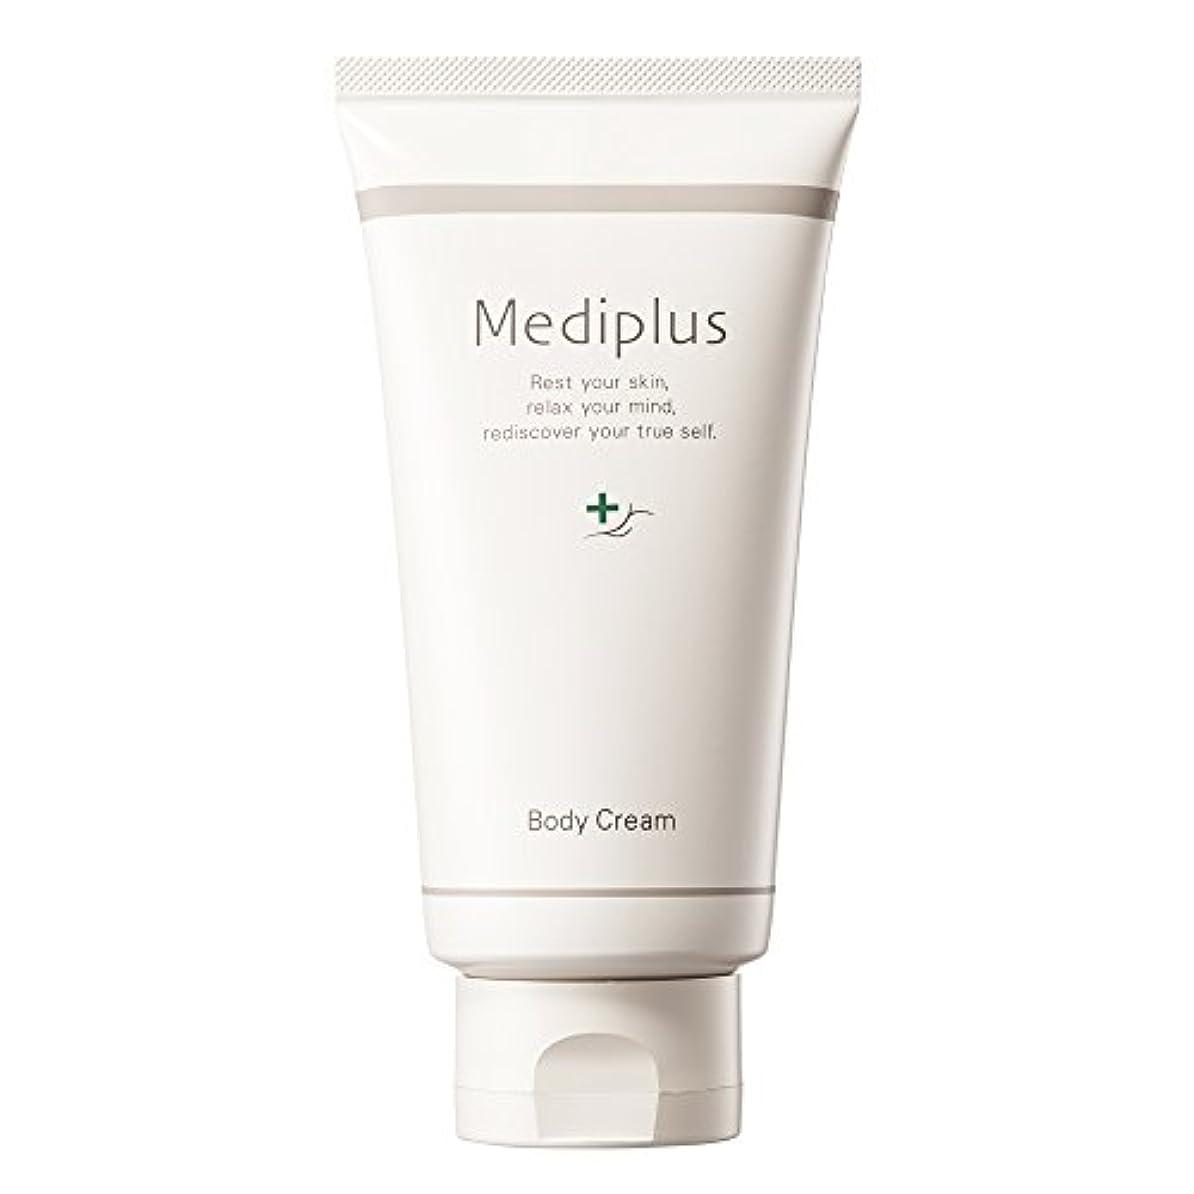 シルク前章mediplus メディプラスボディクリーム 150g(約2ヵ月分)